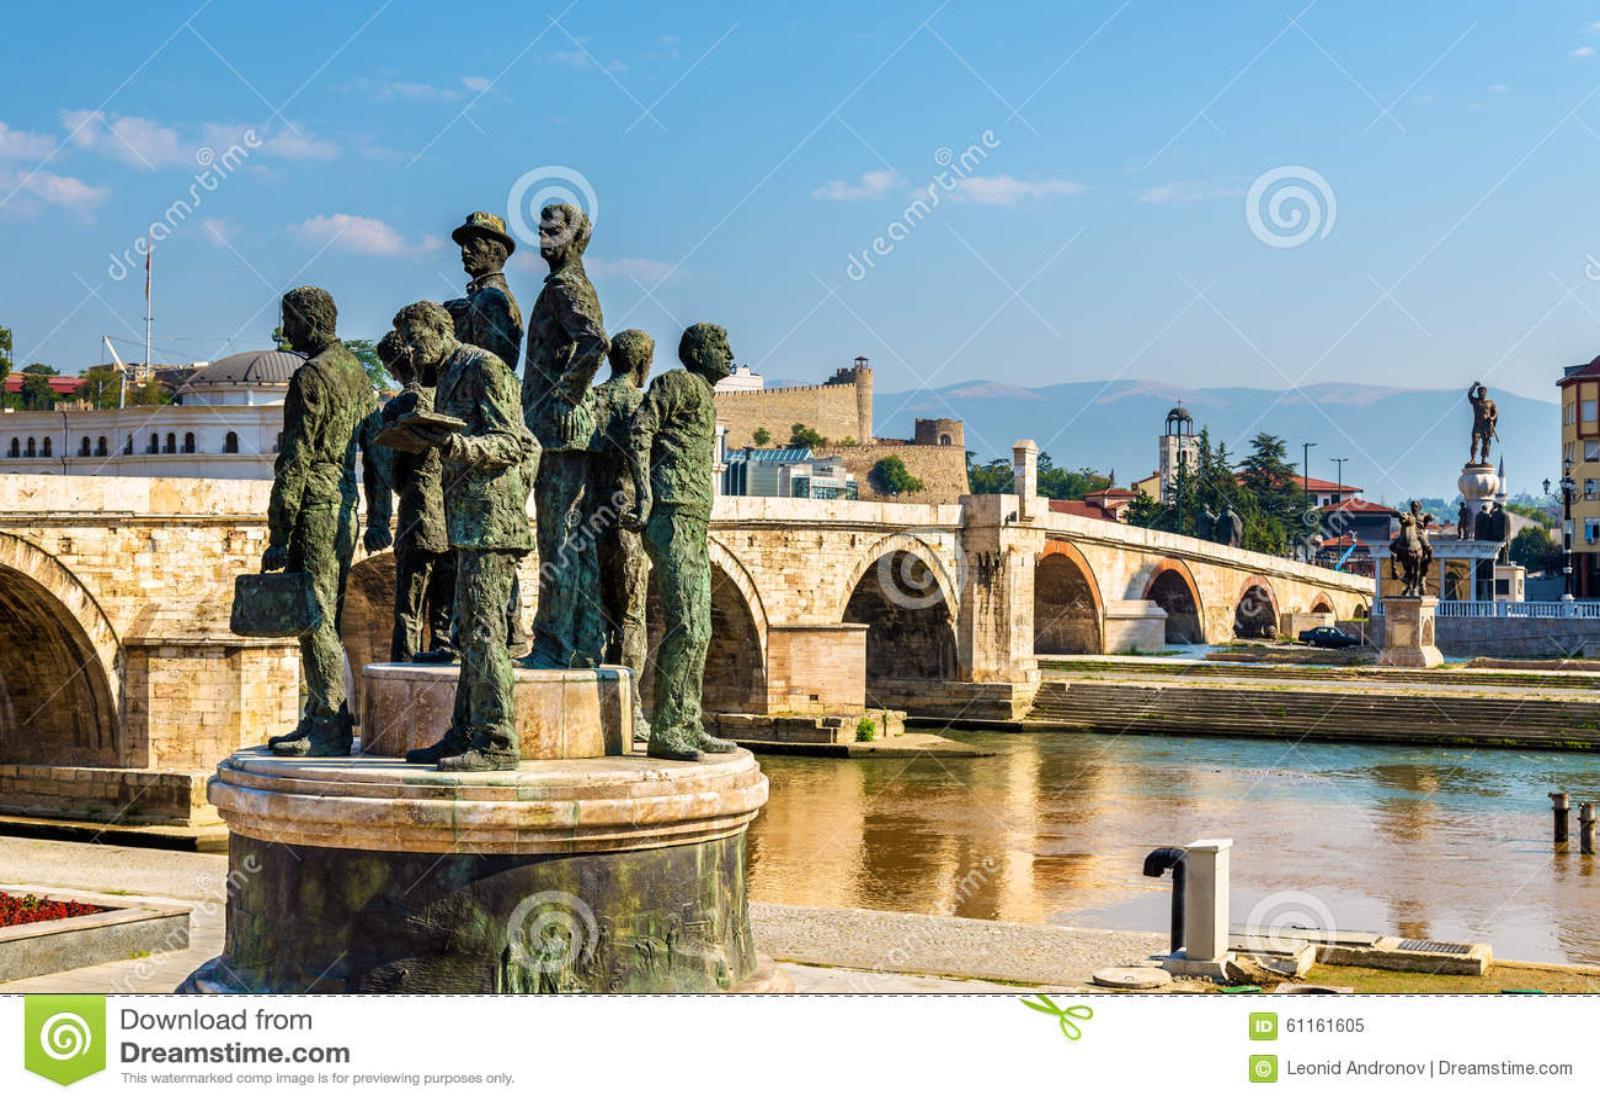 萨洛尼卡的船员的纪念碑在斯科普里